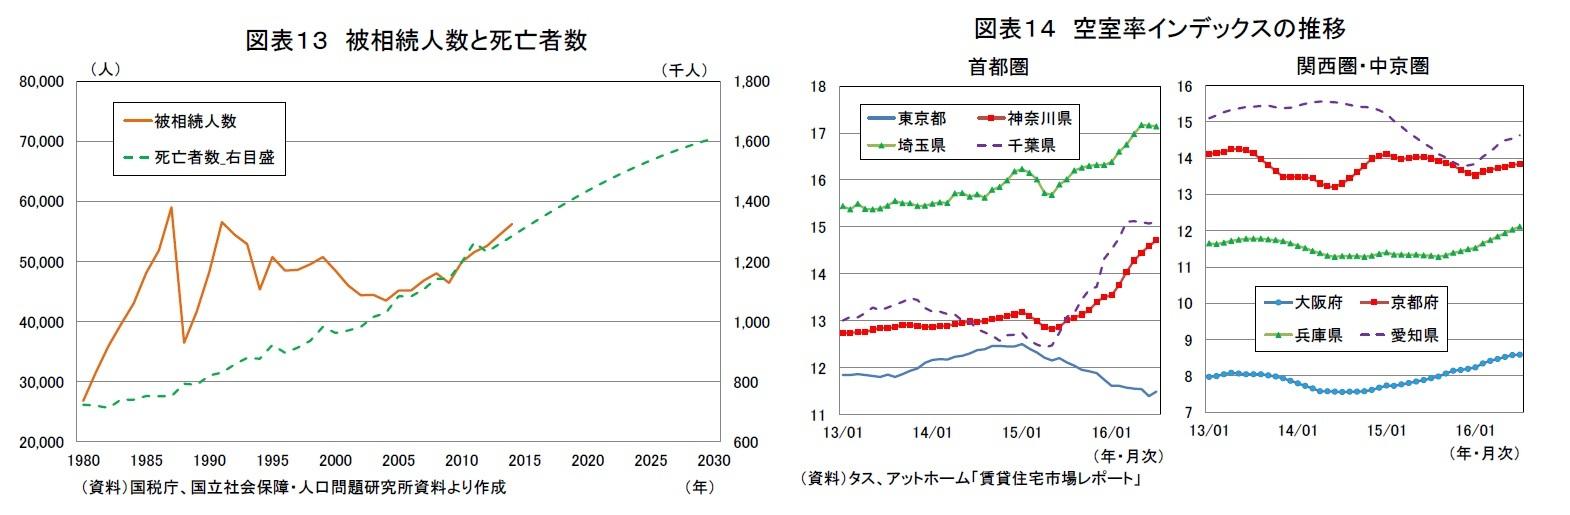 図表13 被相続人数と死亡者数/図表14 空室率インデックスの推移